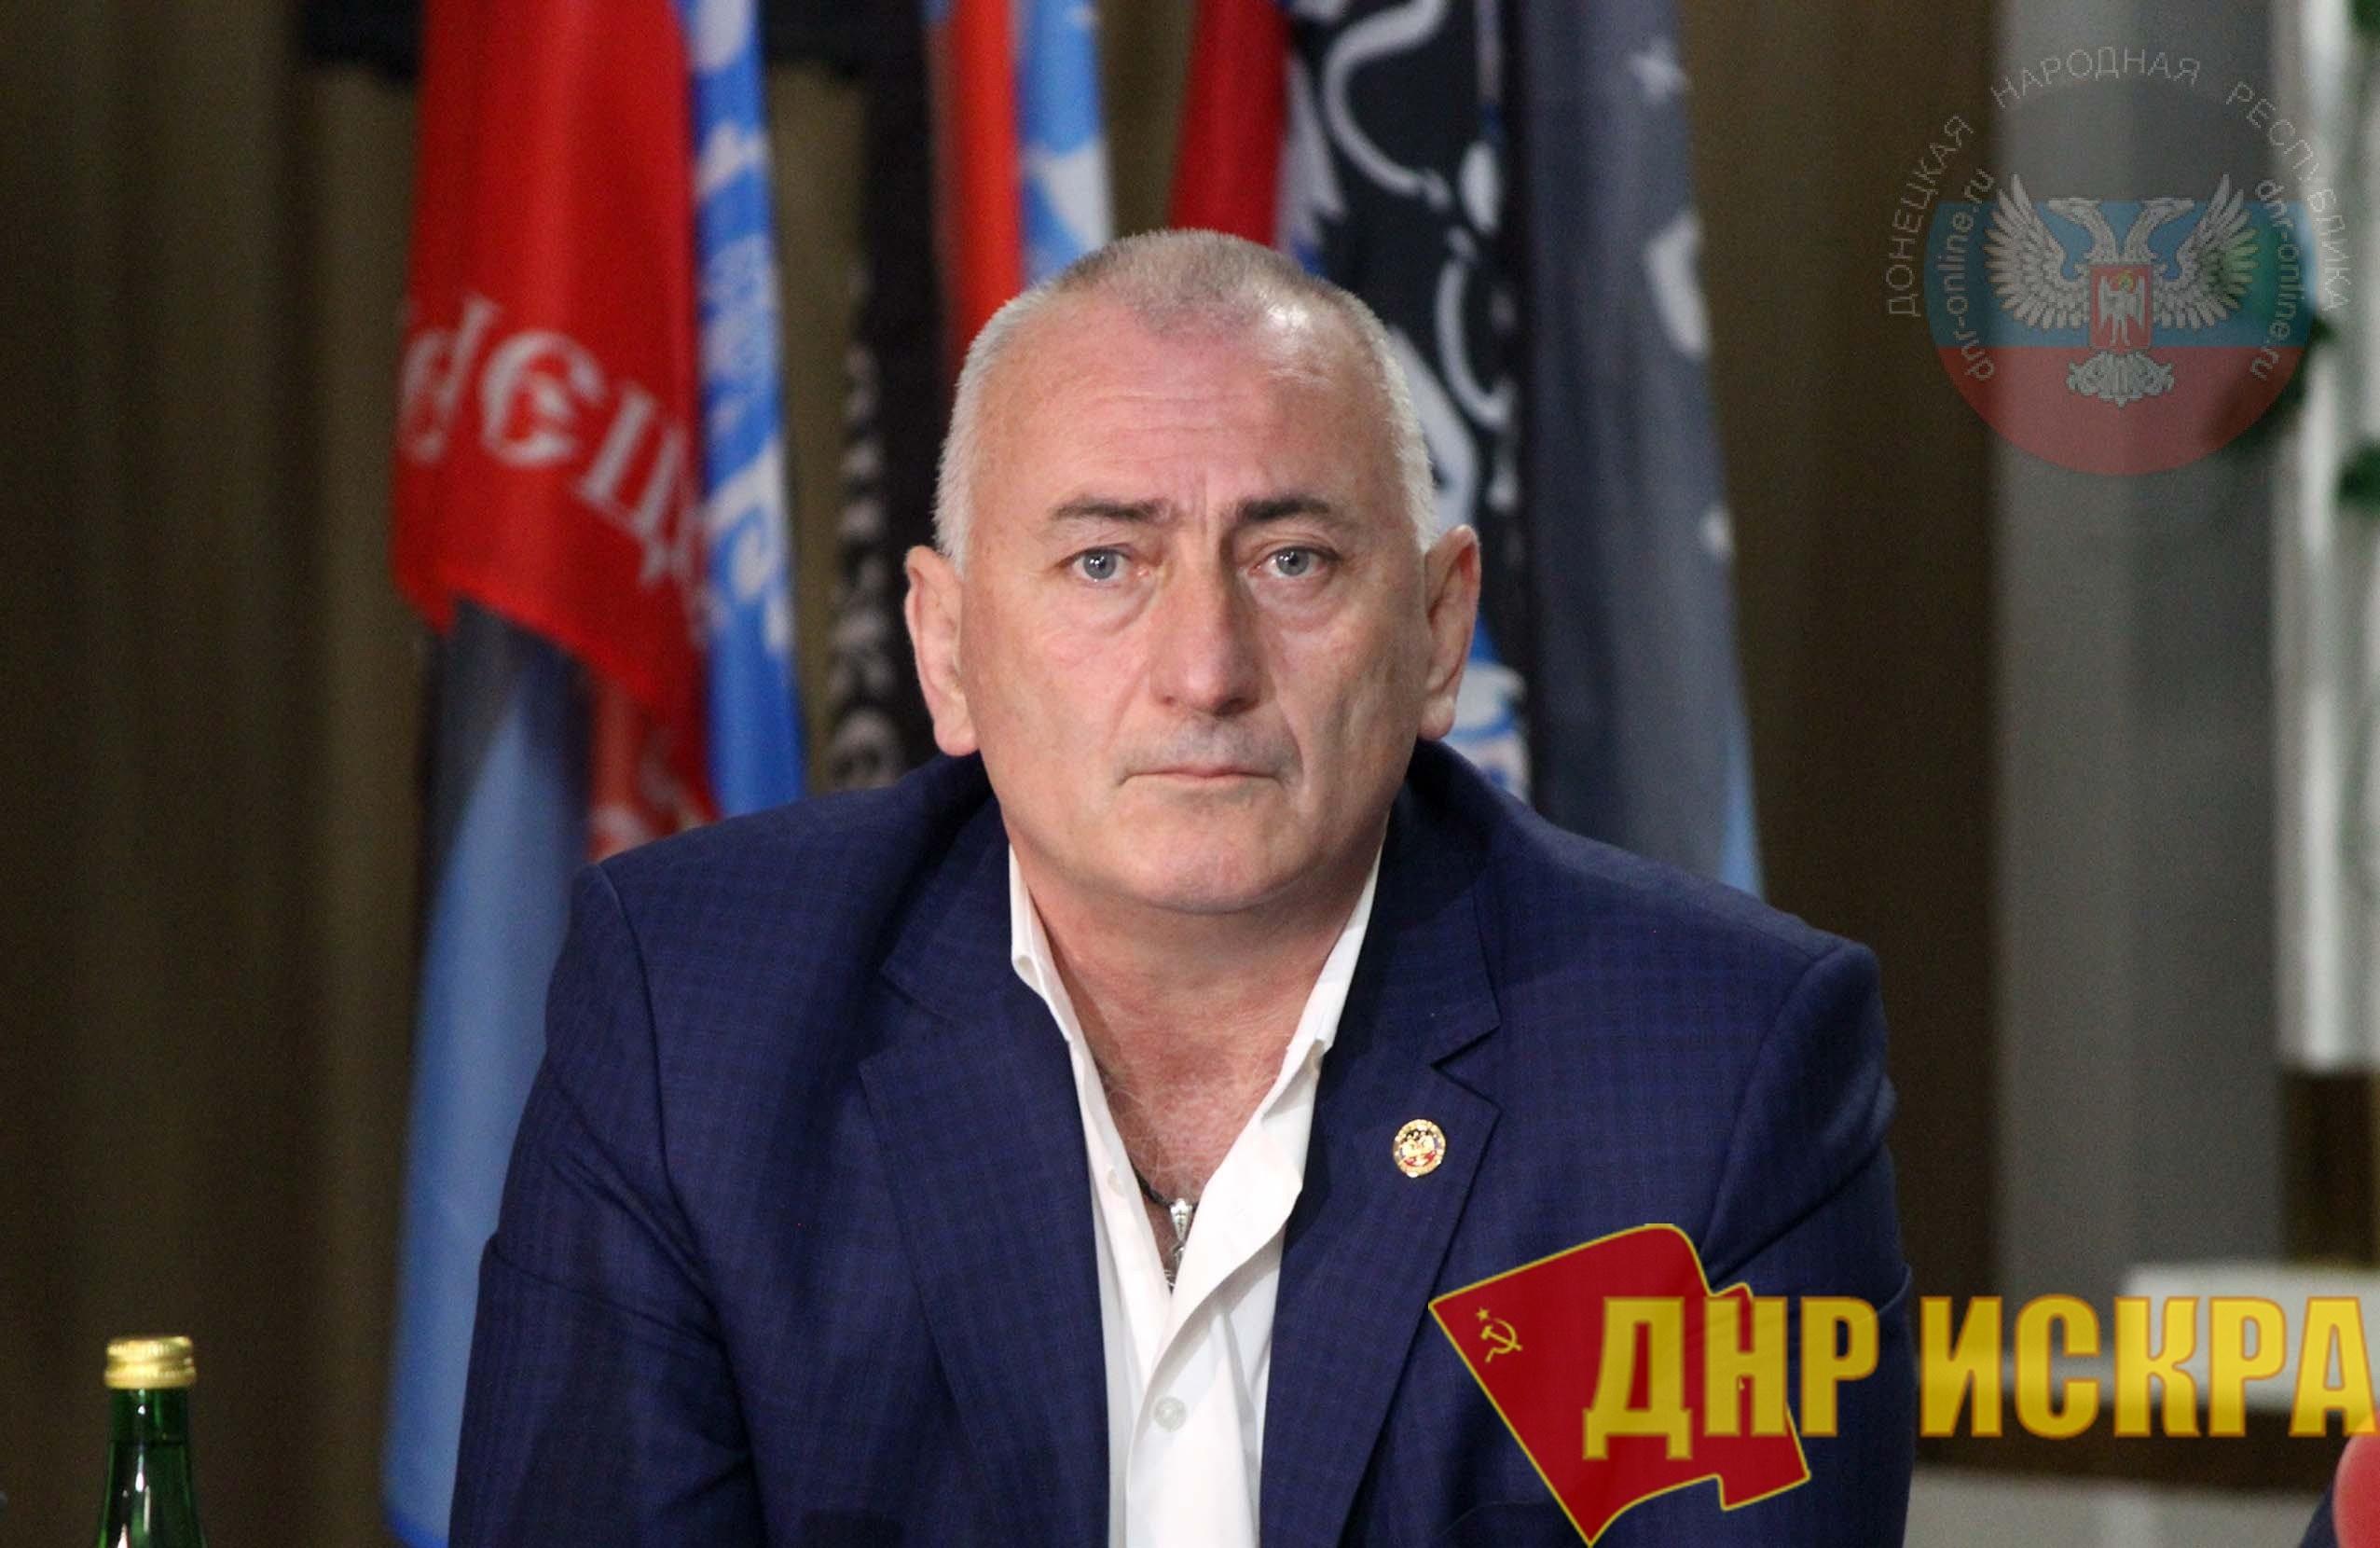 На регистрацию в ЦИК пришёл бывший министр агропромышленности Иван Михайлов